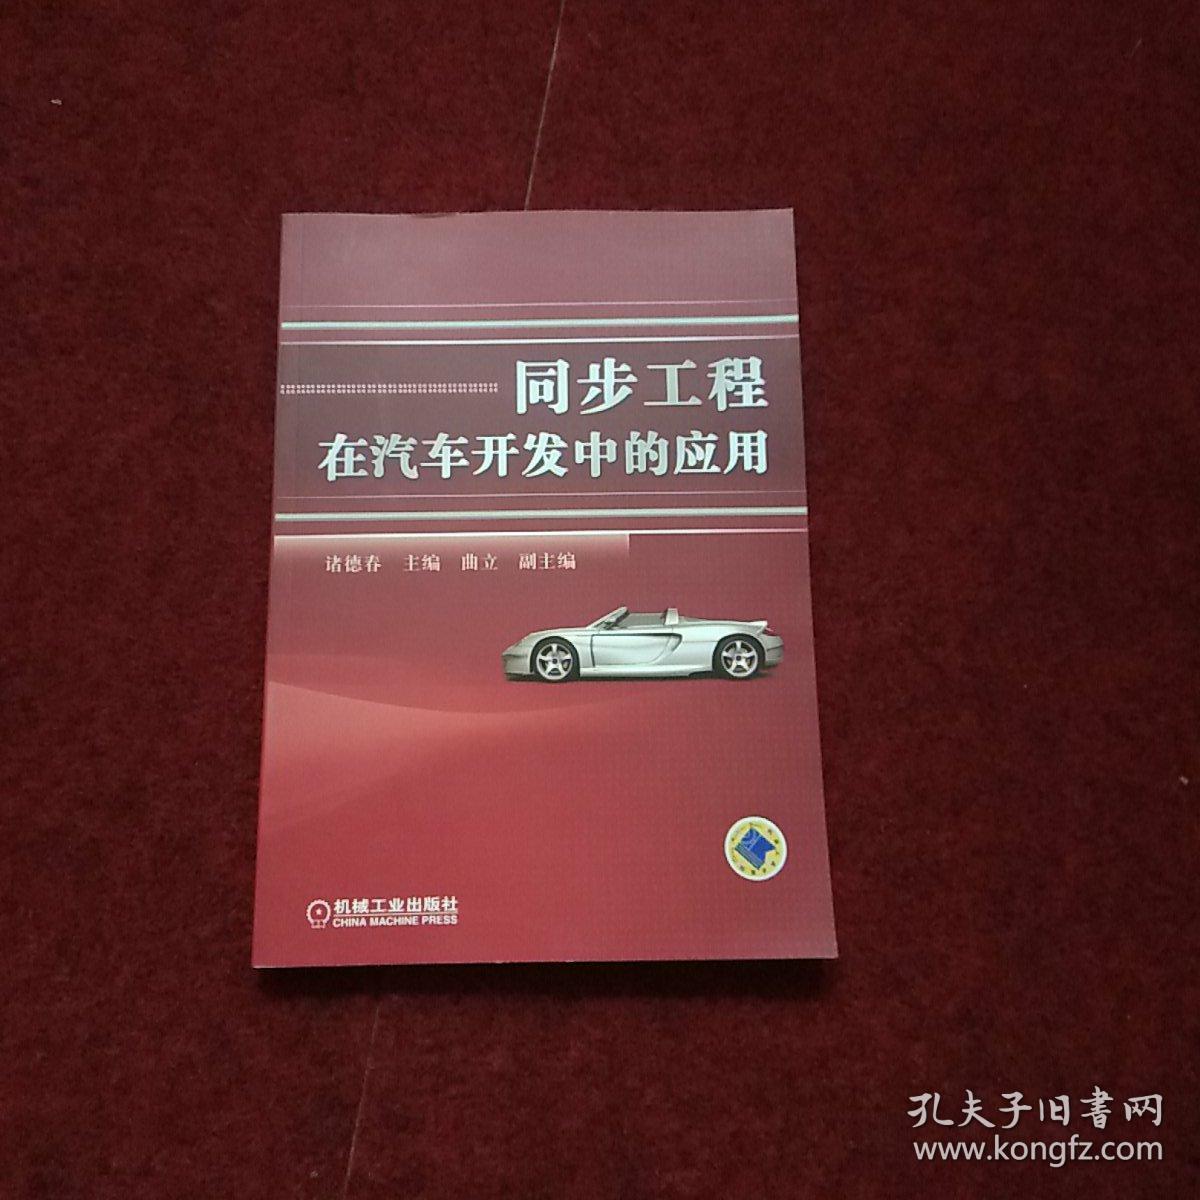 同步工程在汽车开发中的应用